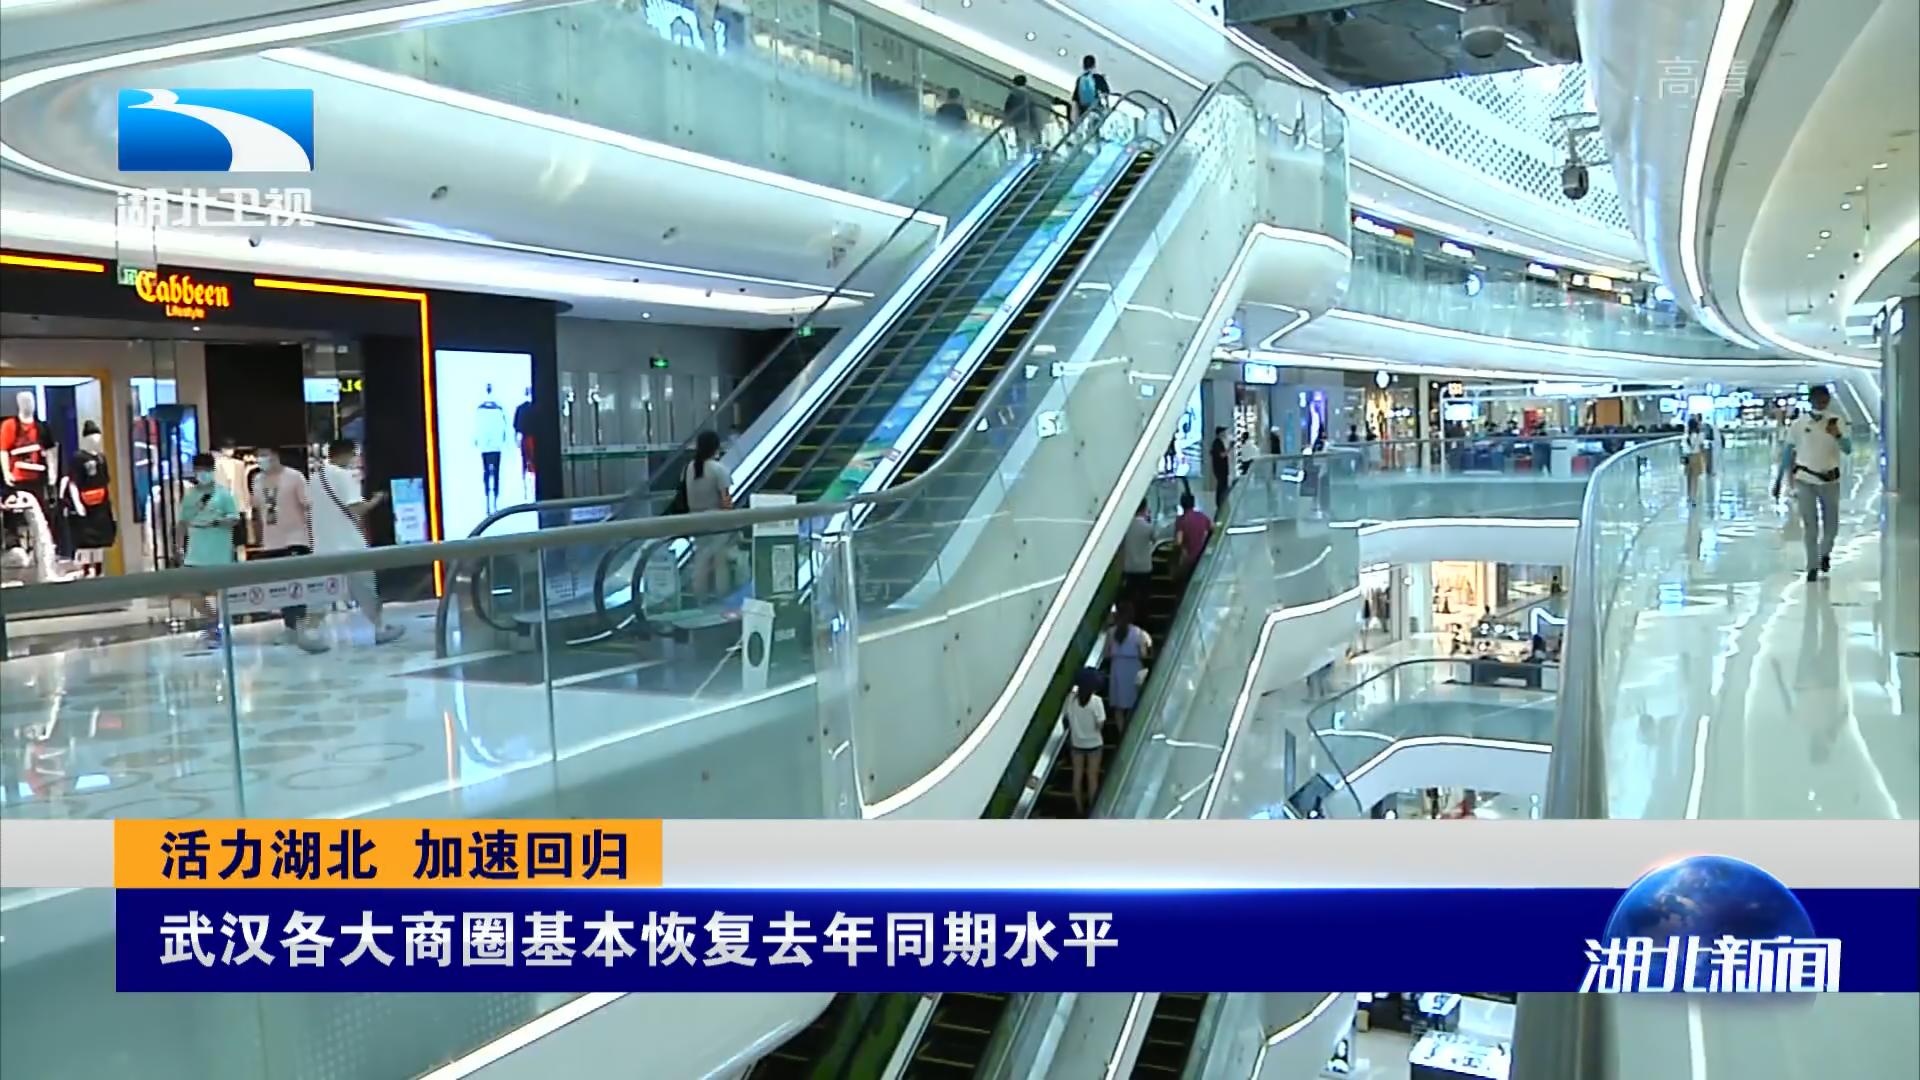 武汉商圈基本恢复去年同期水平